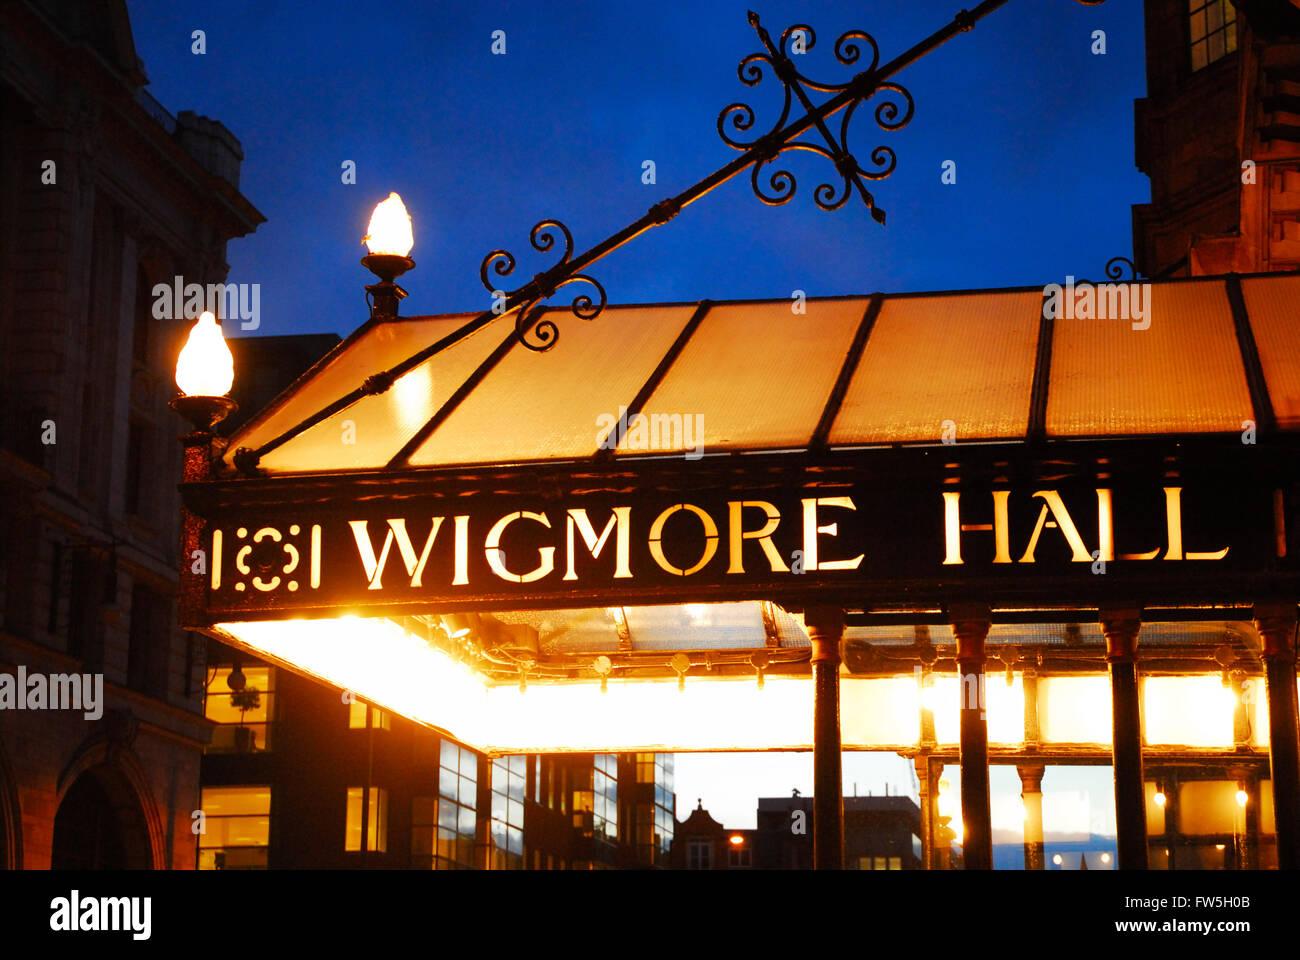 Wigmore Hall, London's premier recital venue, portico illuminated against evening sky. Wigmore Street, London - Stock Image